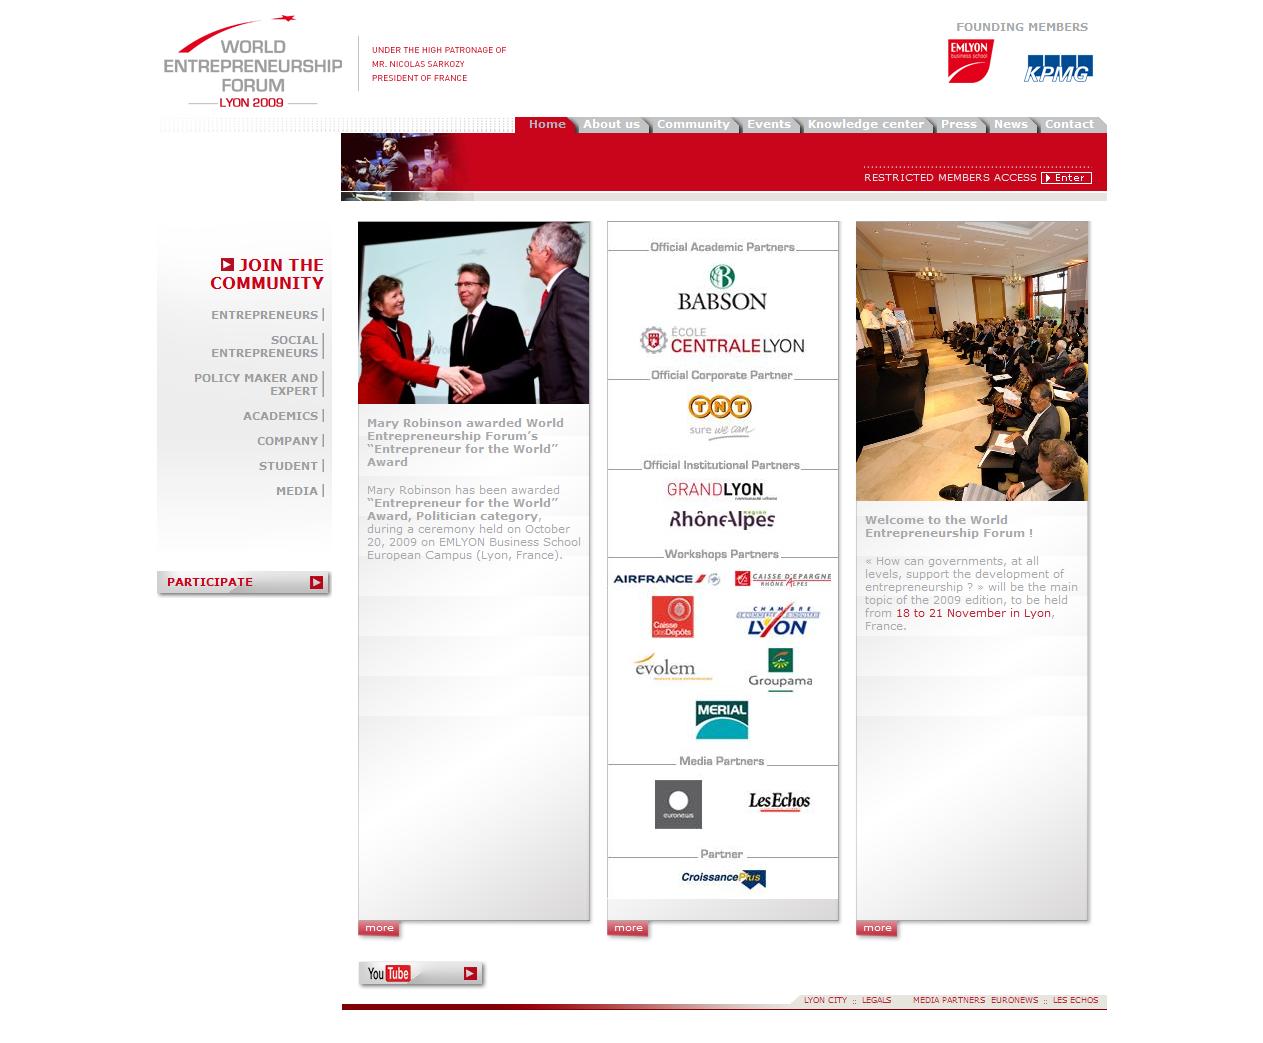 Screenshot du site internet dédié à l'événement World Entrepreneurship Forum